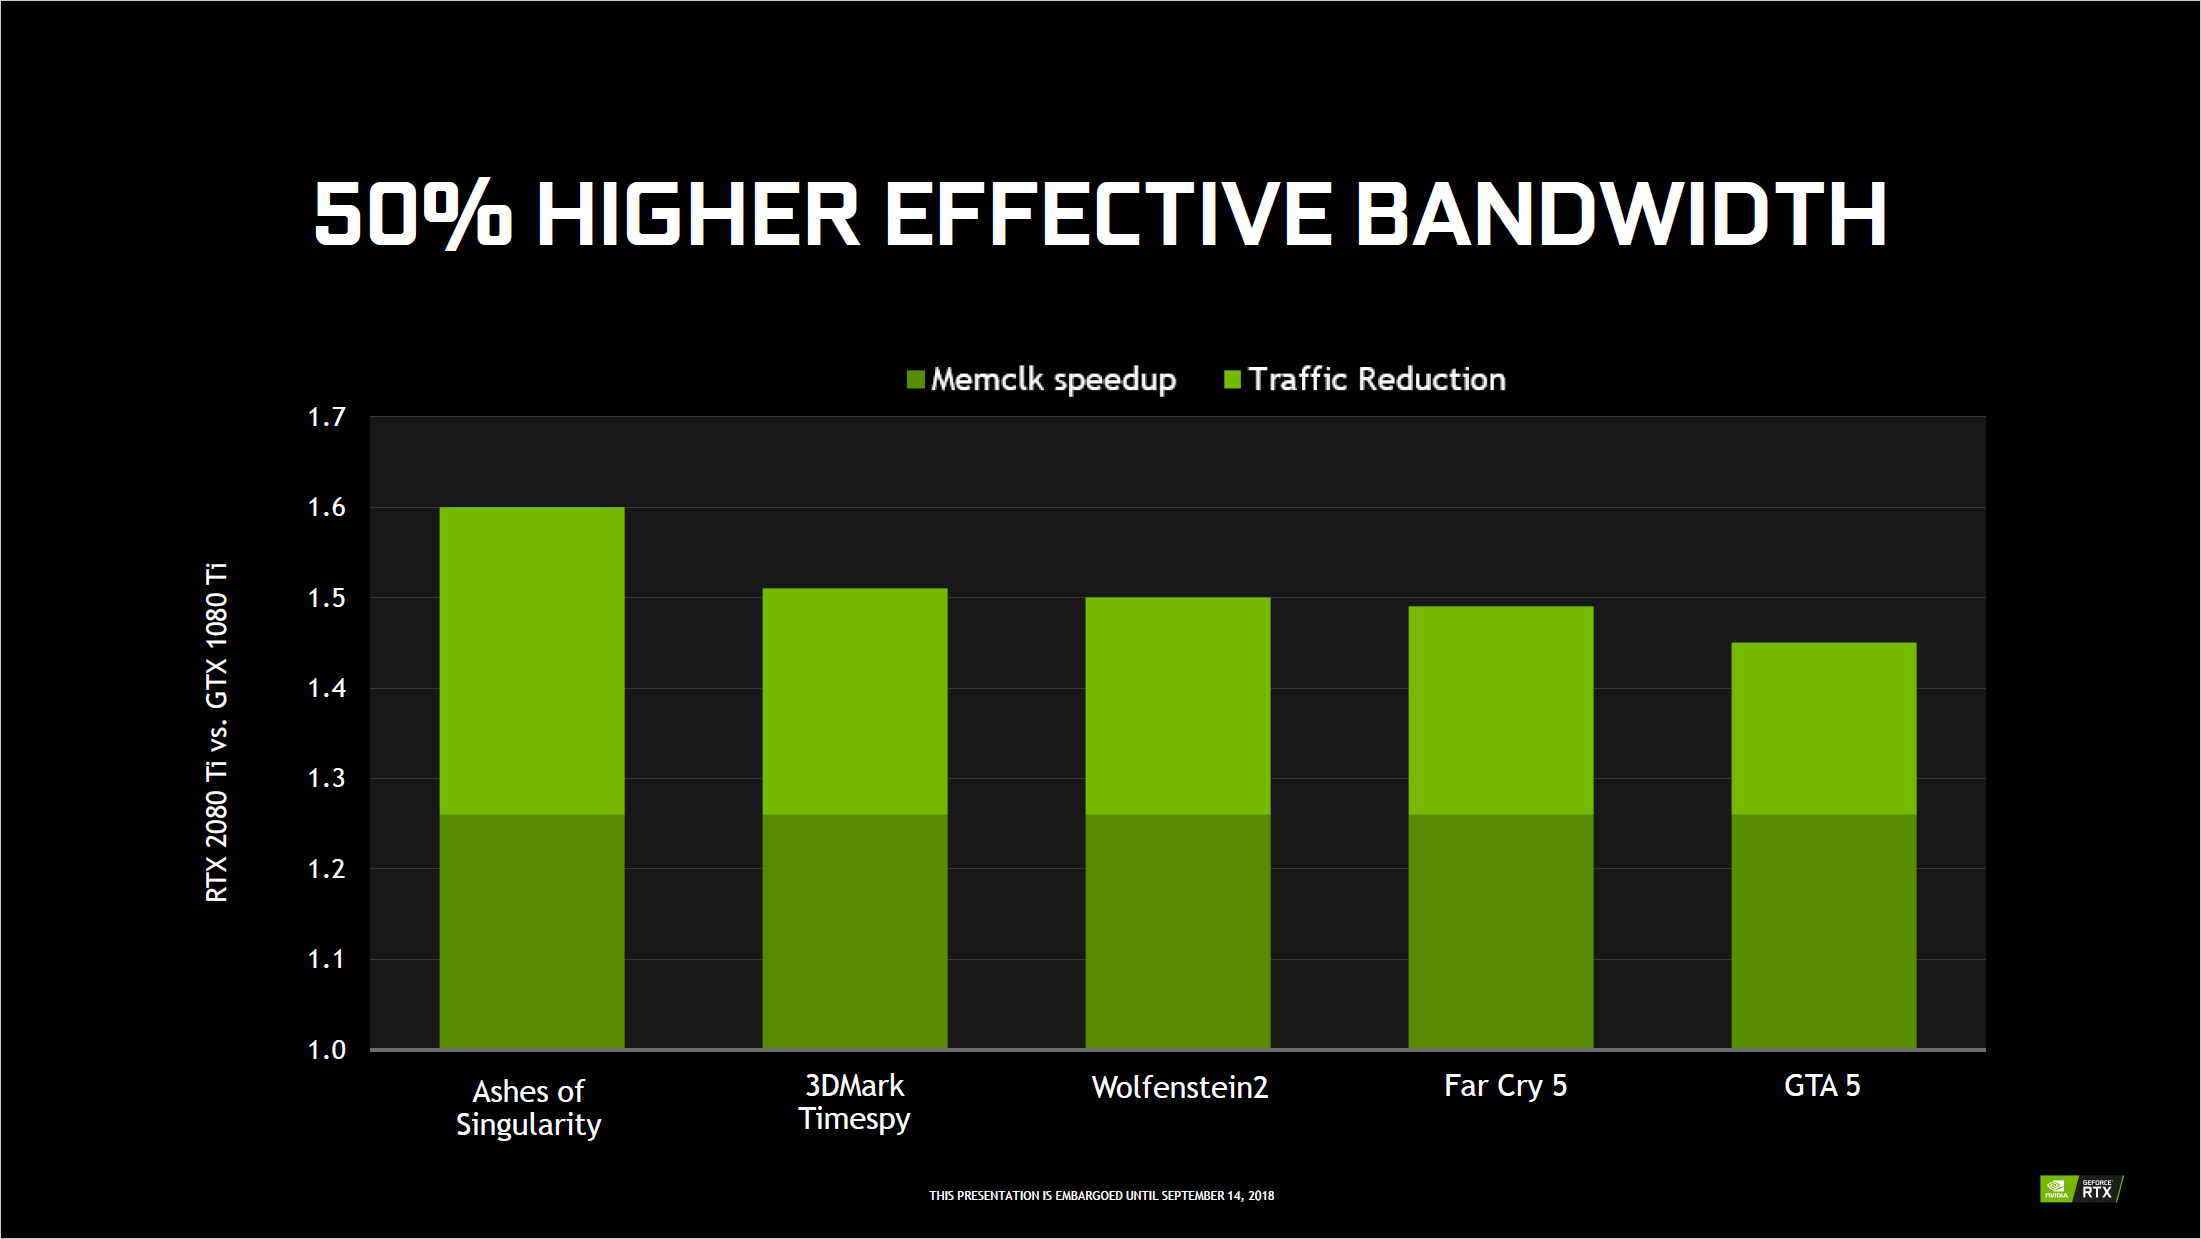 Grafikkarten: Das kann Nvidias Turing-Architektur - Neben GDDR6 mit hohem Takt gibt es eine verbesserte Kompression. (Bild: Nvidia)